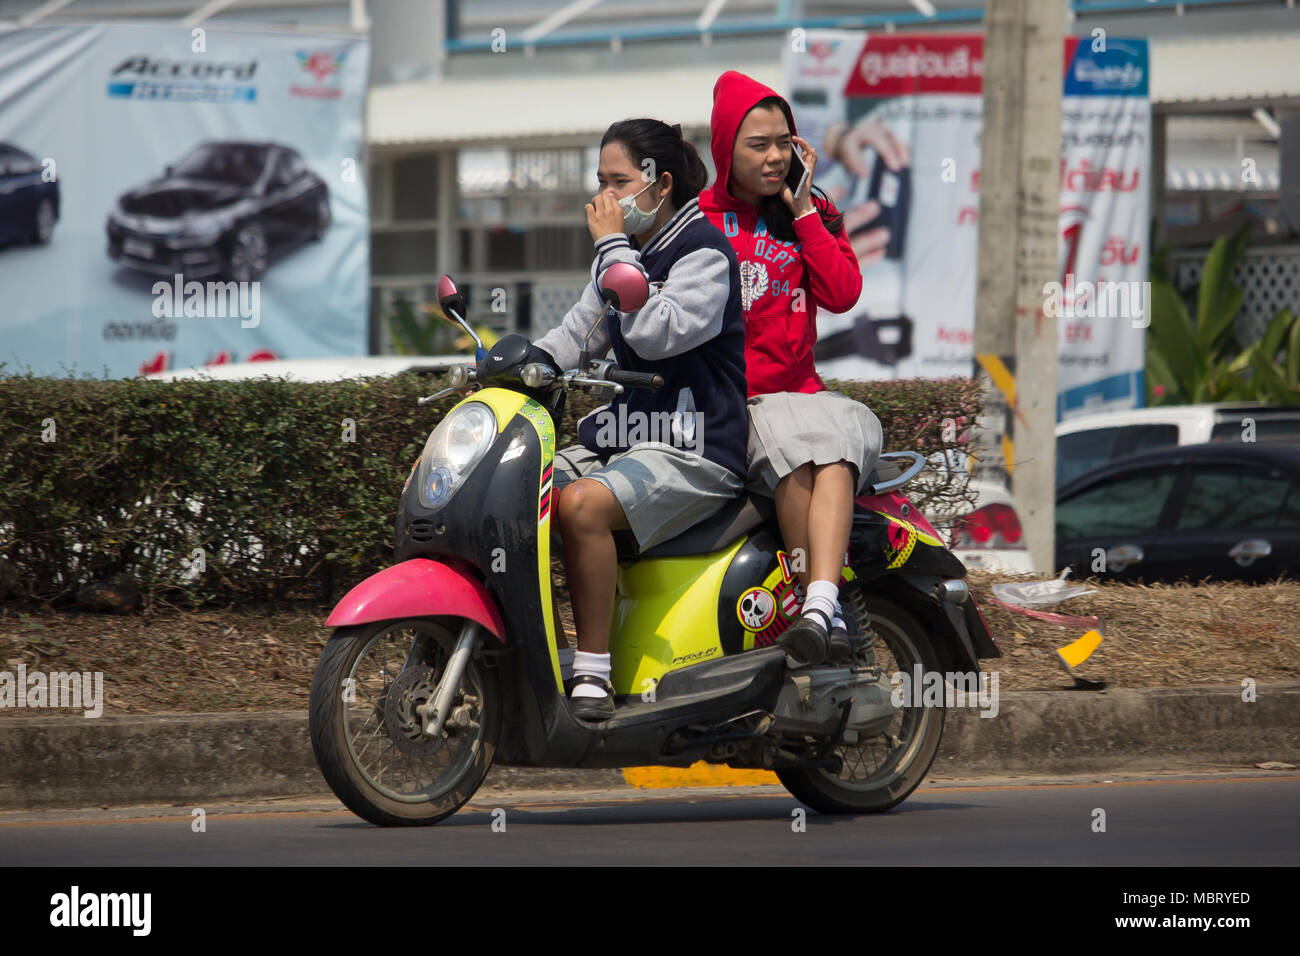 MARZ 2018 Private Automatic Roller Honda Scoopy Ich Motorrad Auf Der Strasse Nr 1001 8 Km Von Chiangmai